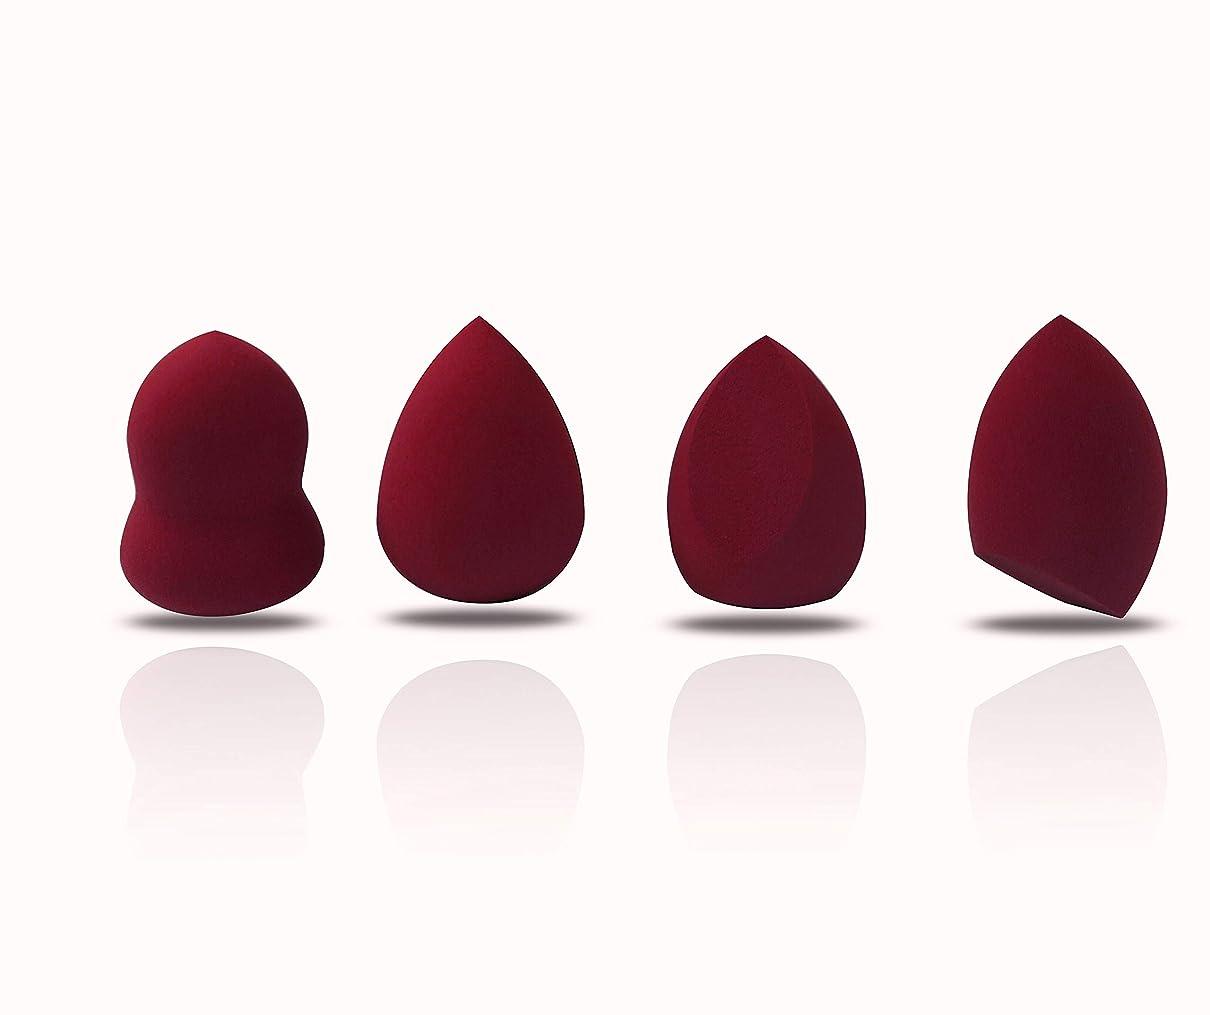 曲がったキリスト教彼メイクスポンジ スポンジパフ 化粧 3色4形セット 多機能パフ ファンデーション対応 (赤 ワイン)